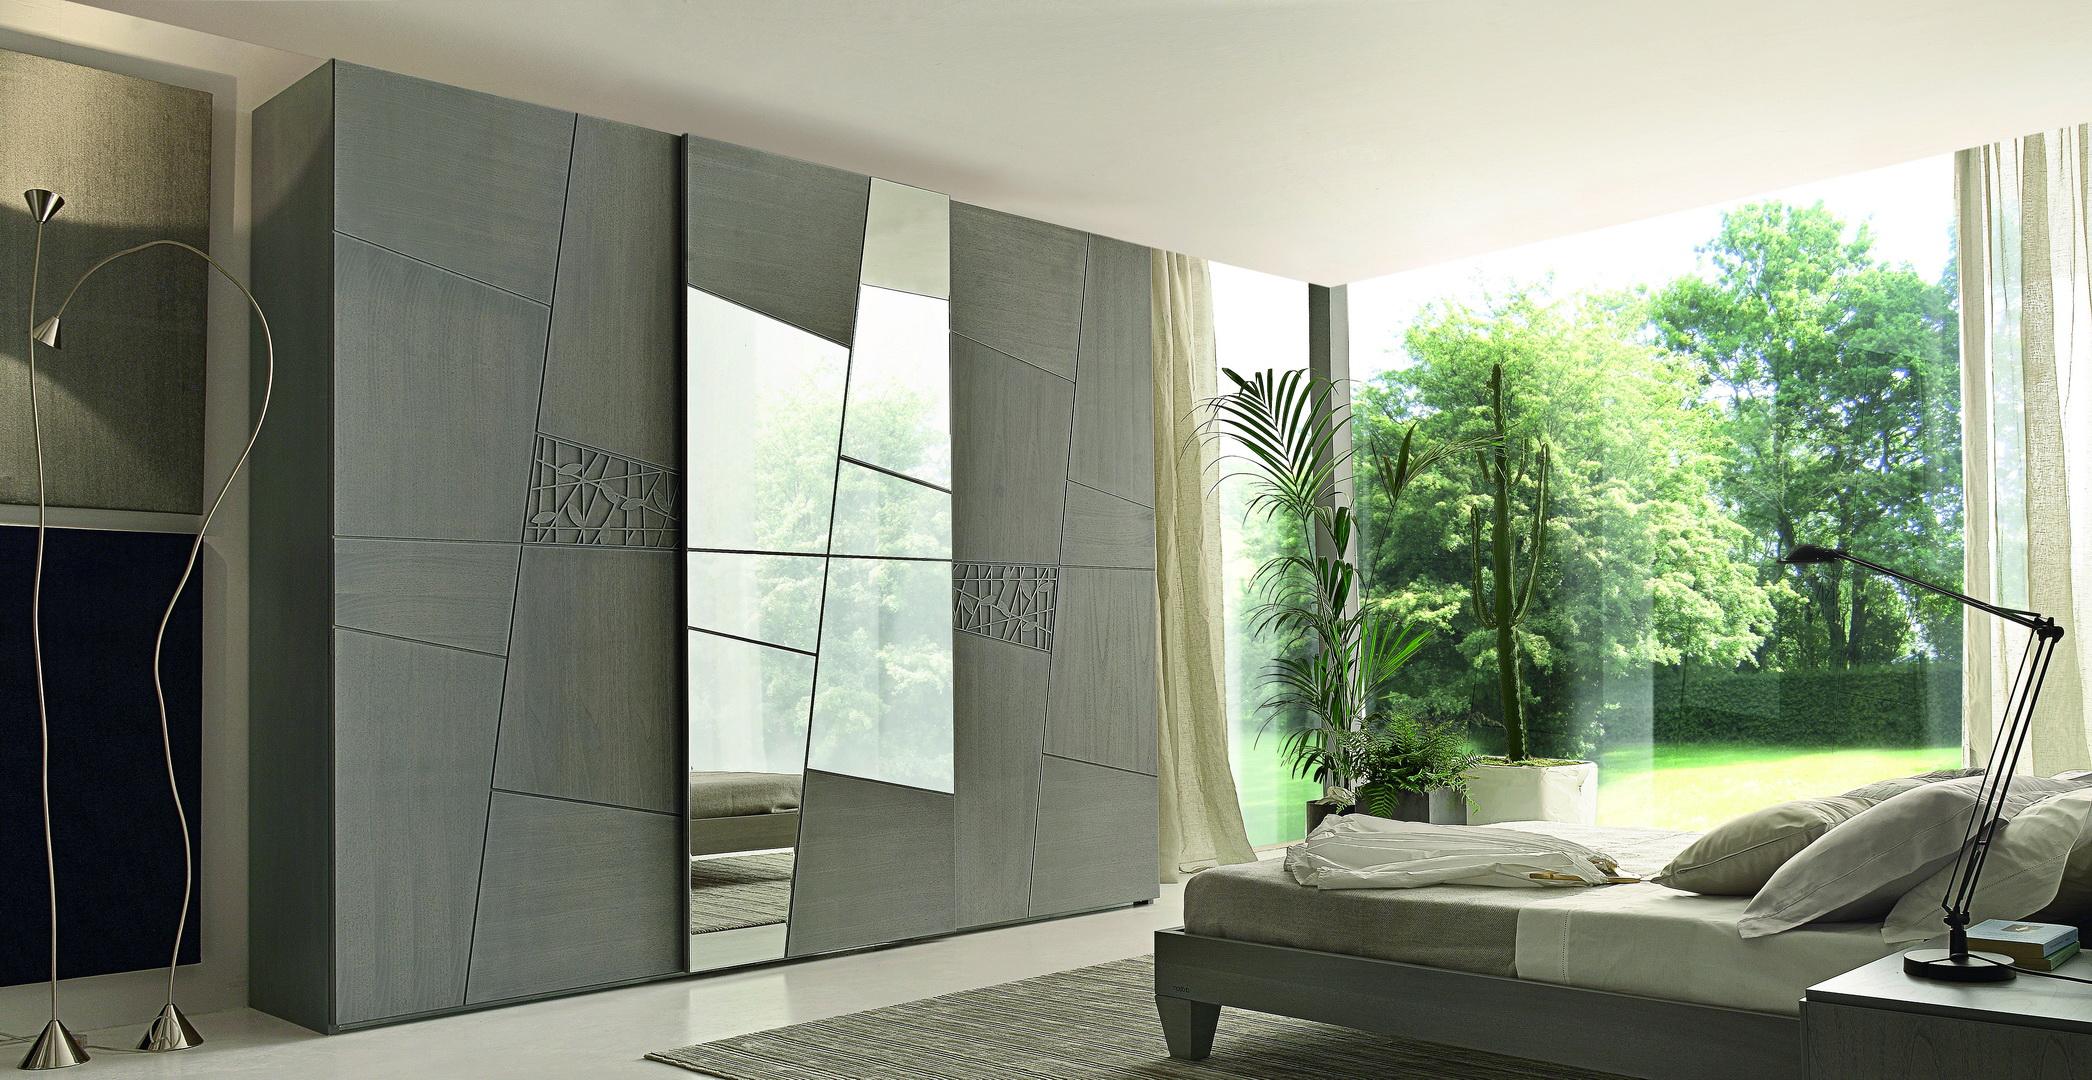 Camera da letto md10004 c4 home arredamenti cosenza for C4 arredamenti